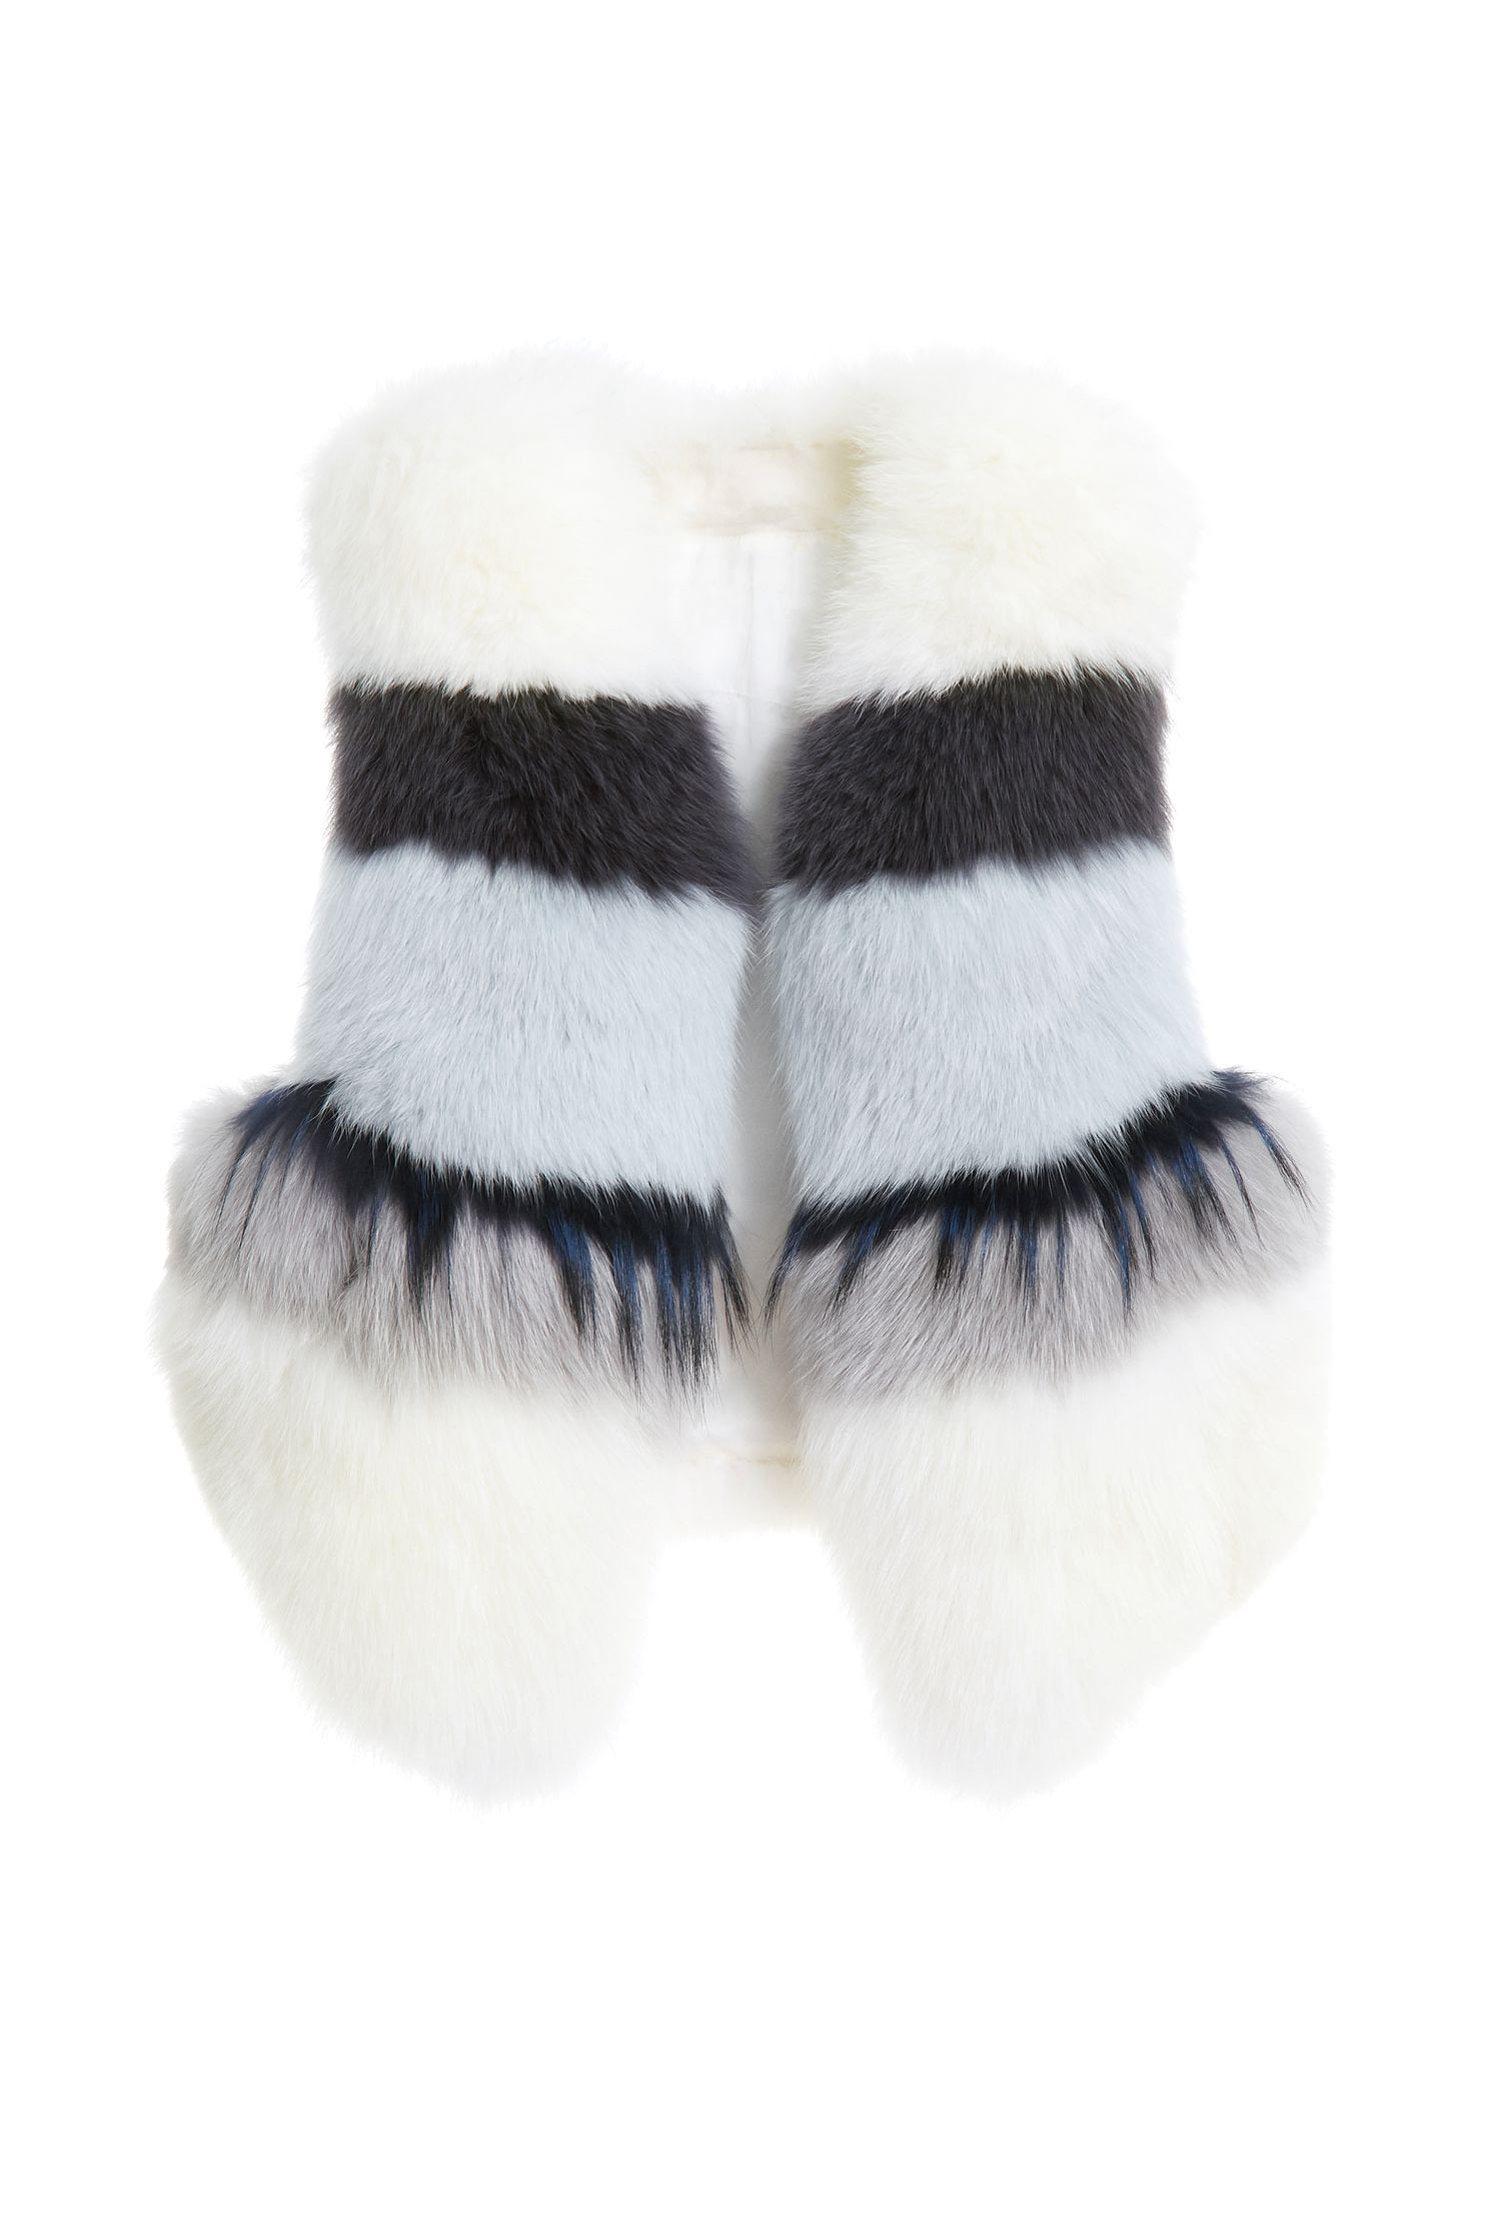 Color-striped fur vest,singlet,vest